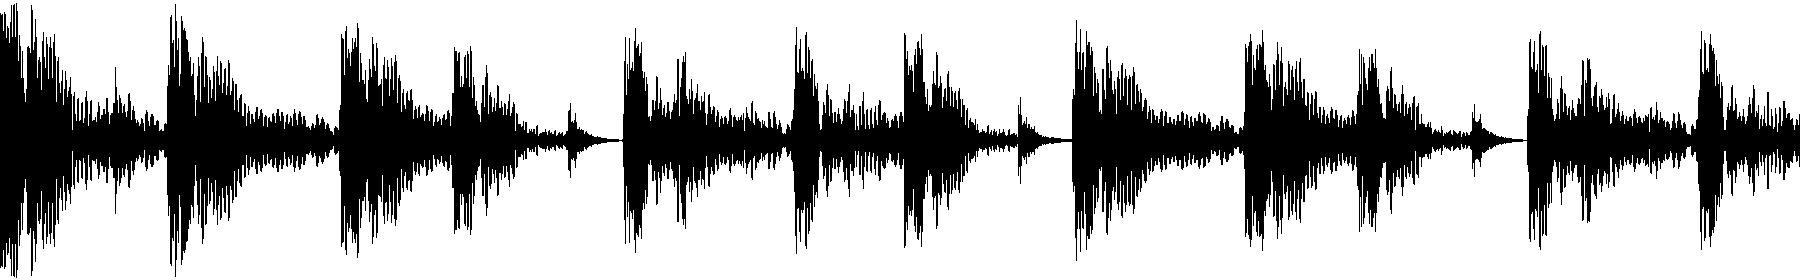 blbc electrodrums 130 02